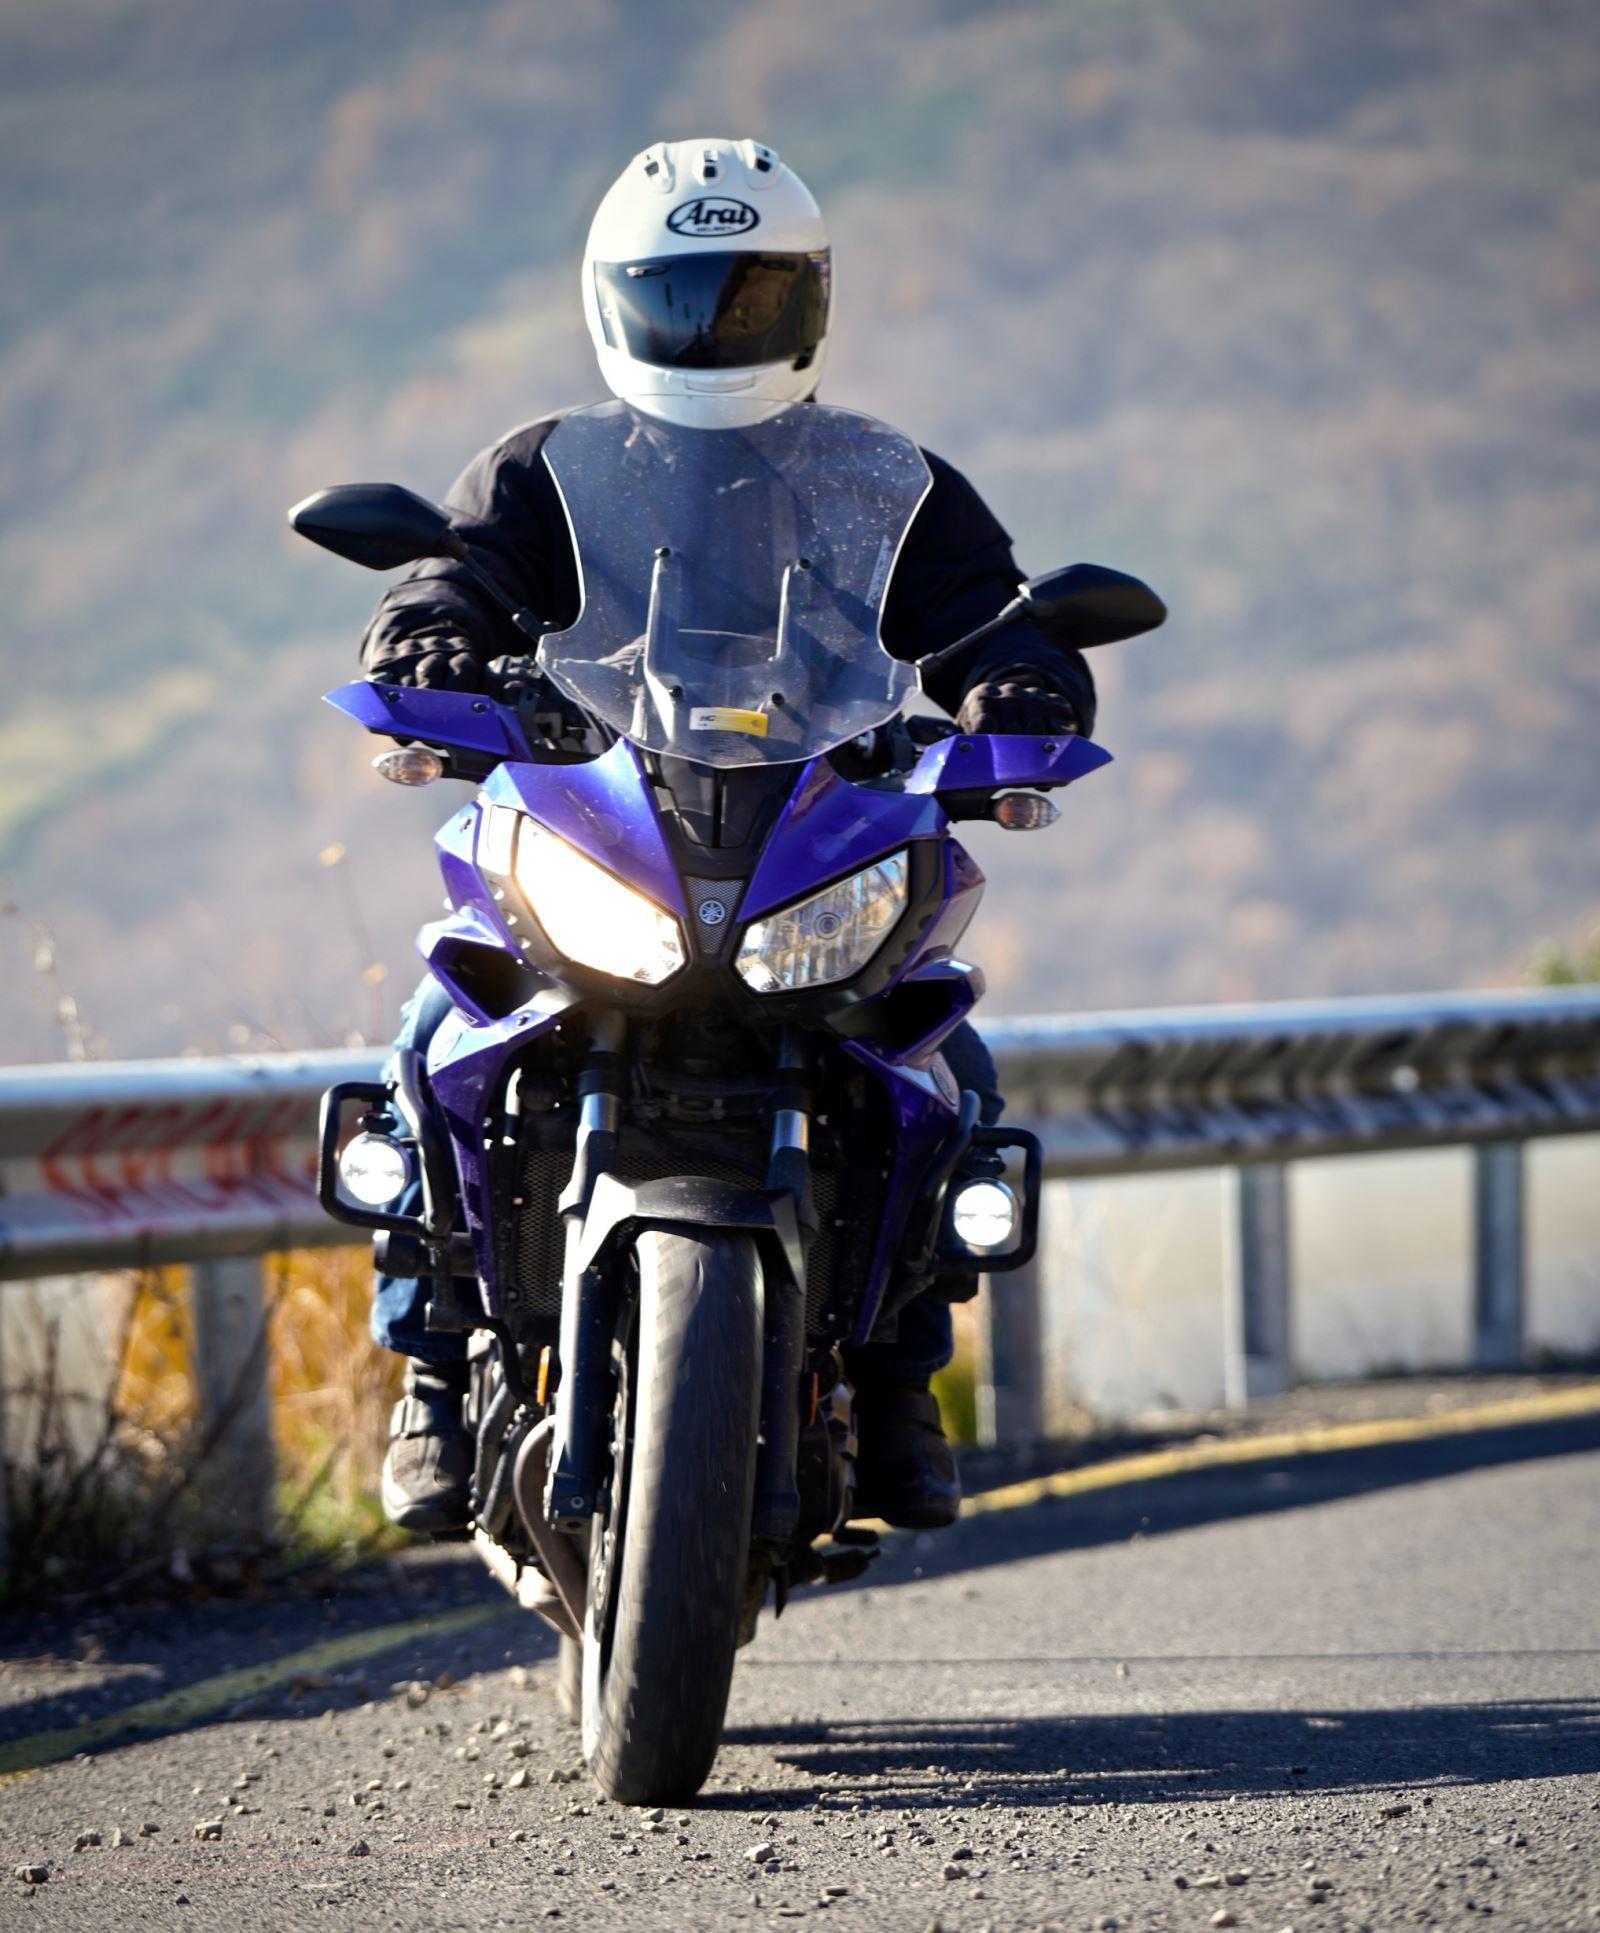 Karşılaştırma; Yamaha Tracer 700 Honda NC750X karşısında! 4. İçerik Fotoğrafı